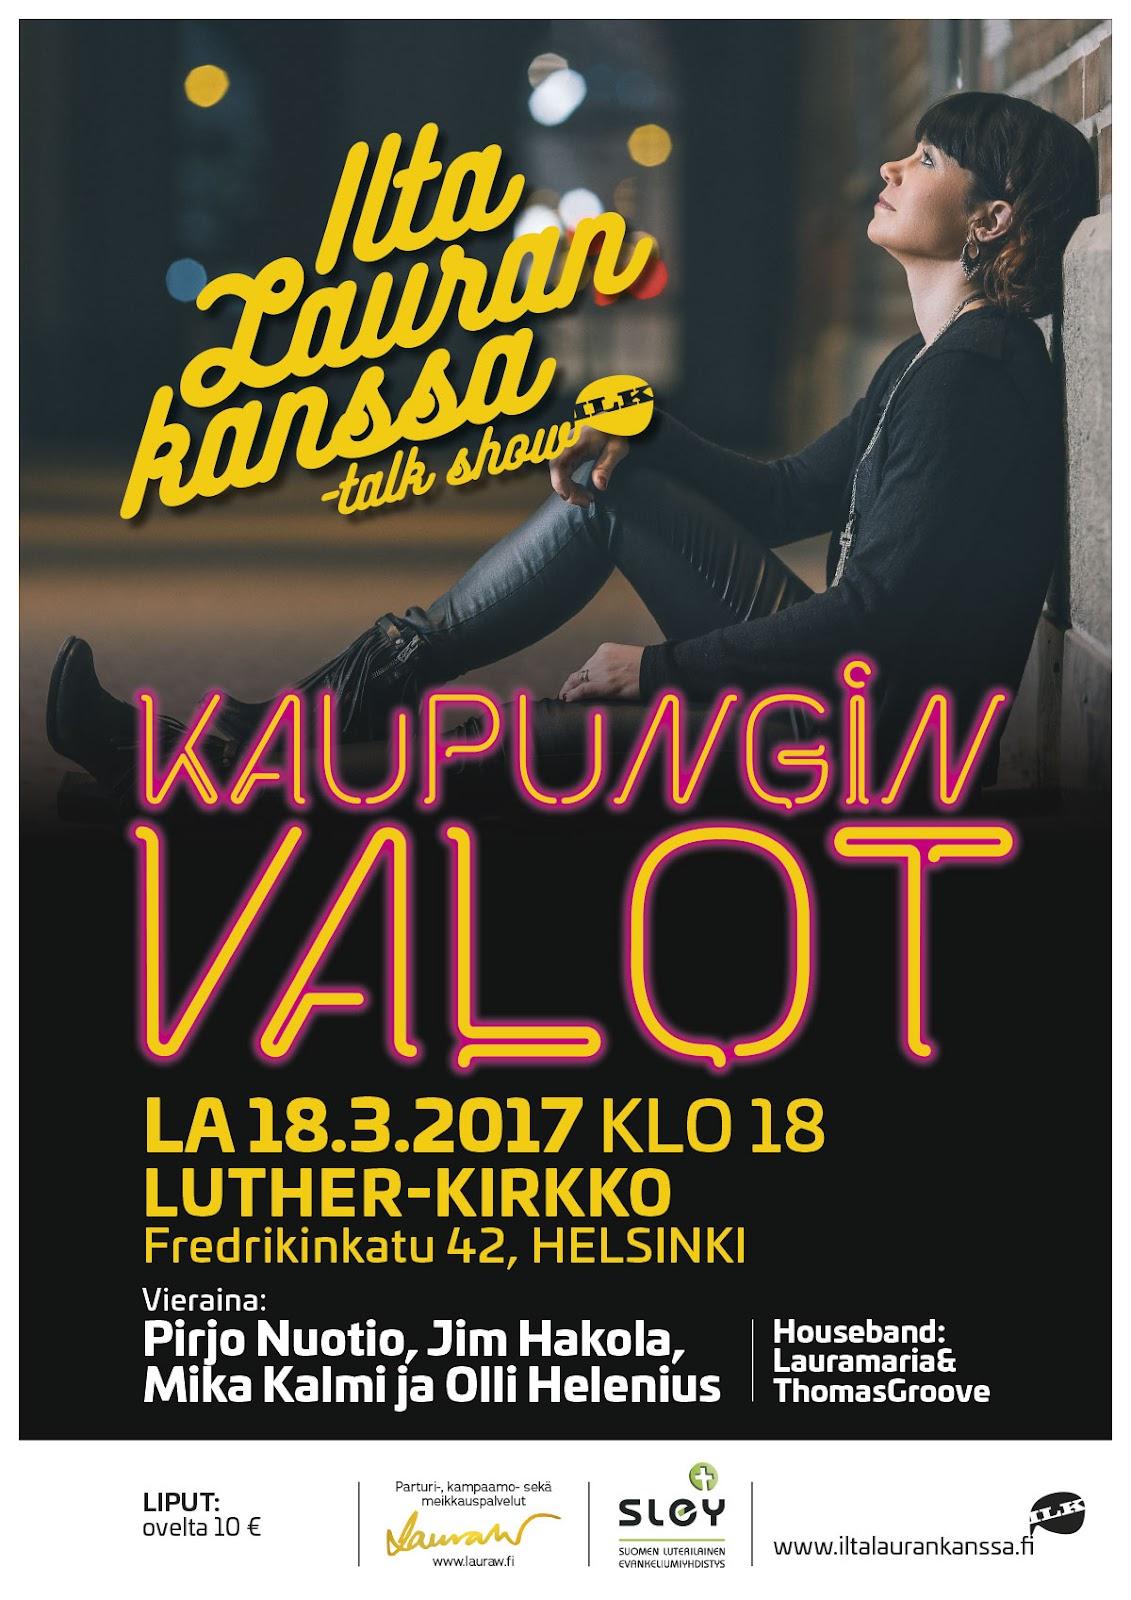 Kaupungin valot 18.3.2017 @Helsinki, Luther-kirkko - ILK_180317_hki_lutherinkirkko_juliste_netti.jpg